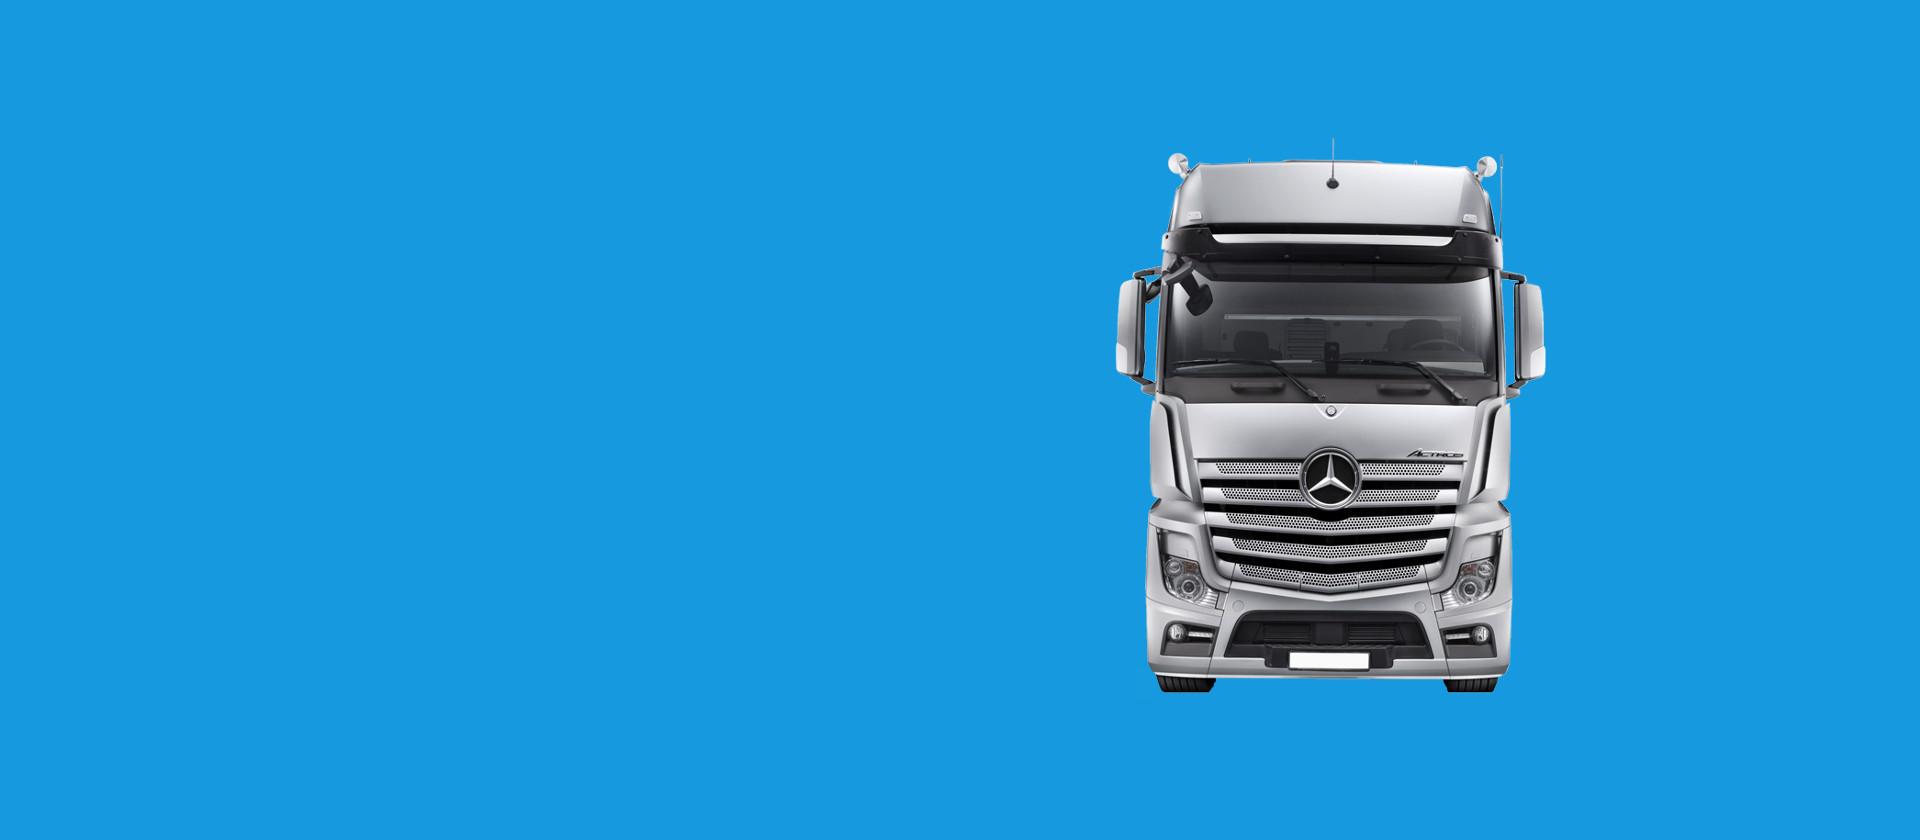 Compra-Venta de camiones